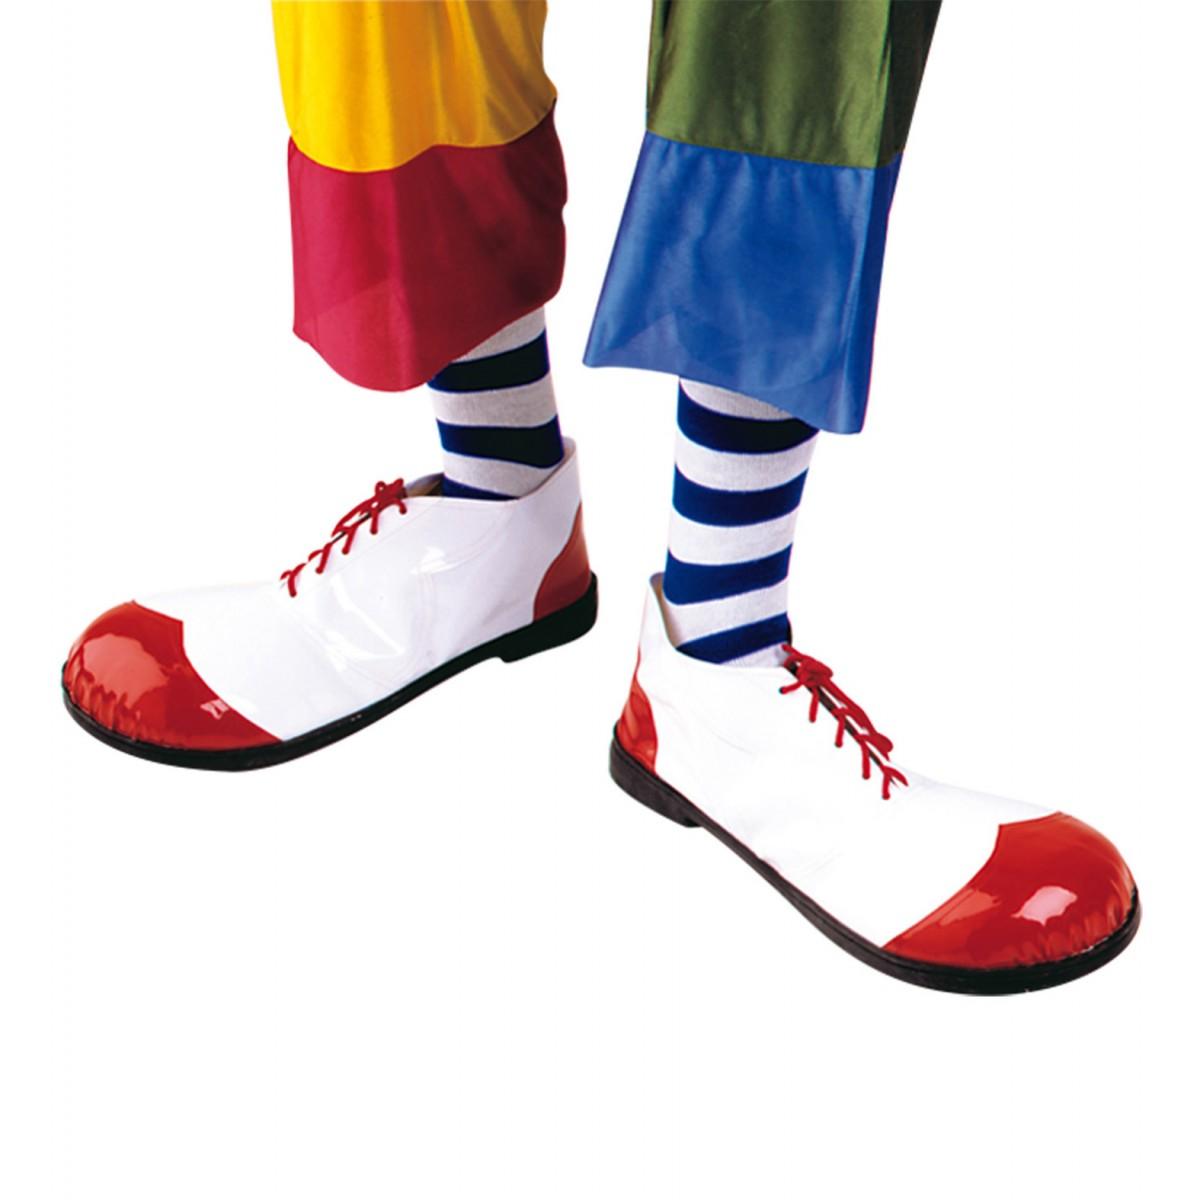 Scarpe clown con suola in gomma